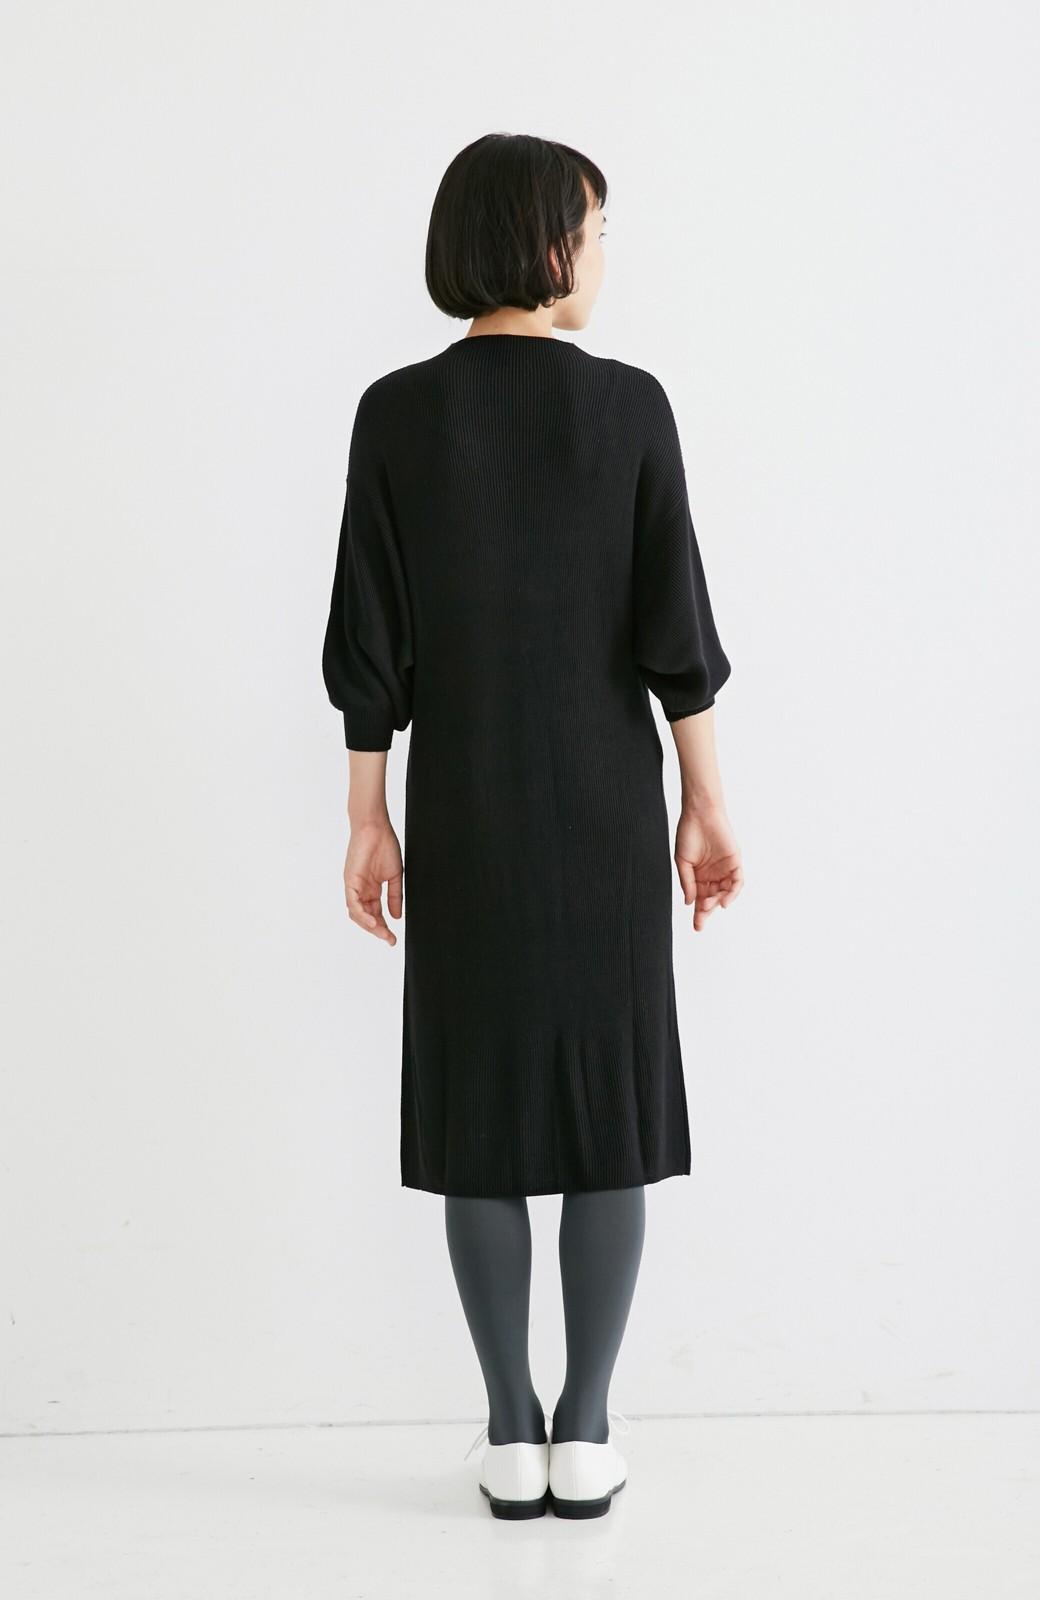 エムトロワ 吸湿発熱素材の袖ぷっくりリブニットワンピース <ブラック>の商品写真6